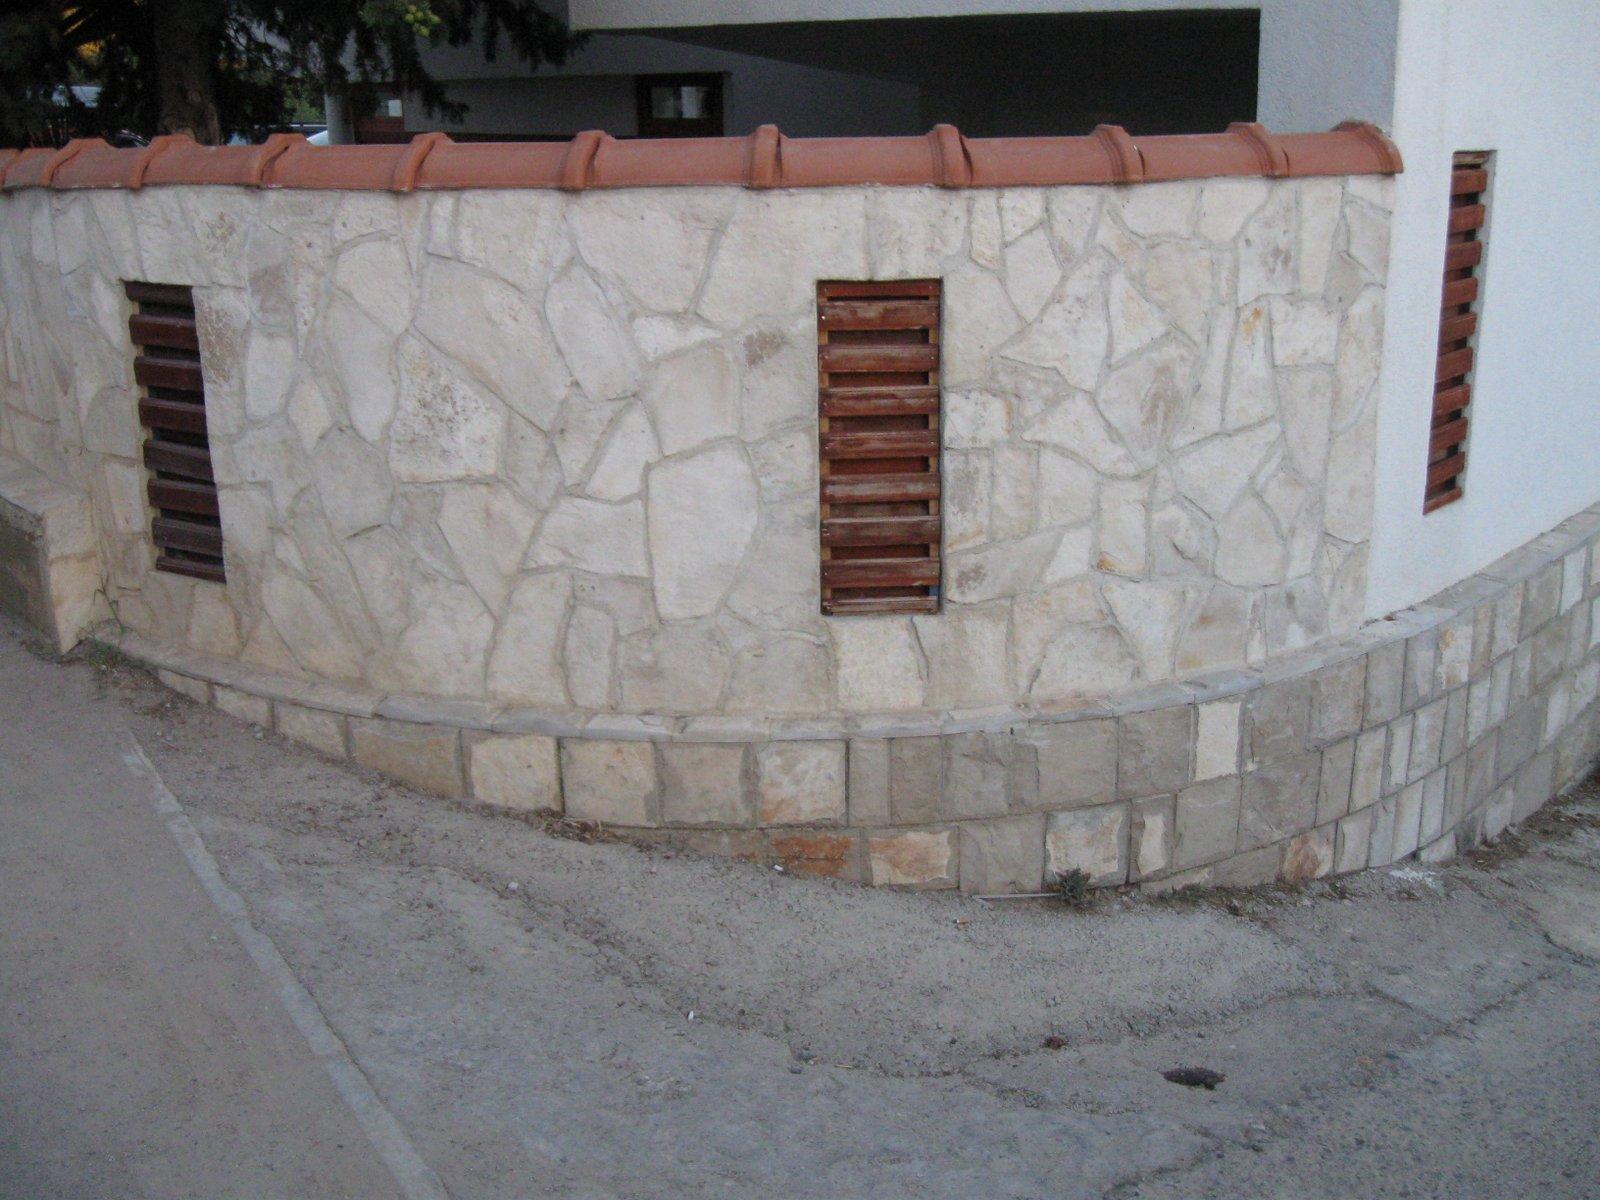 Ograde od kamena (12)